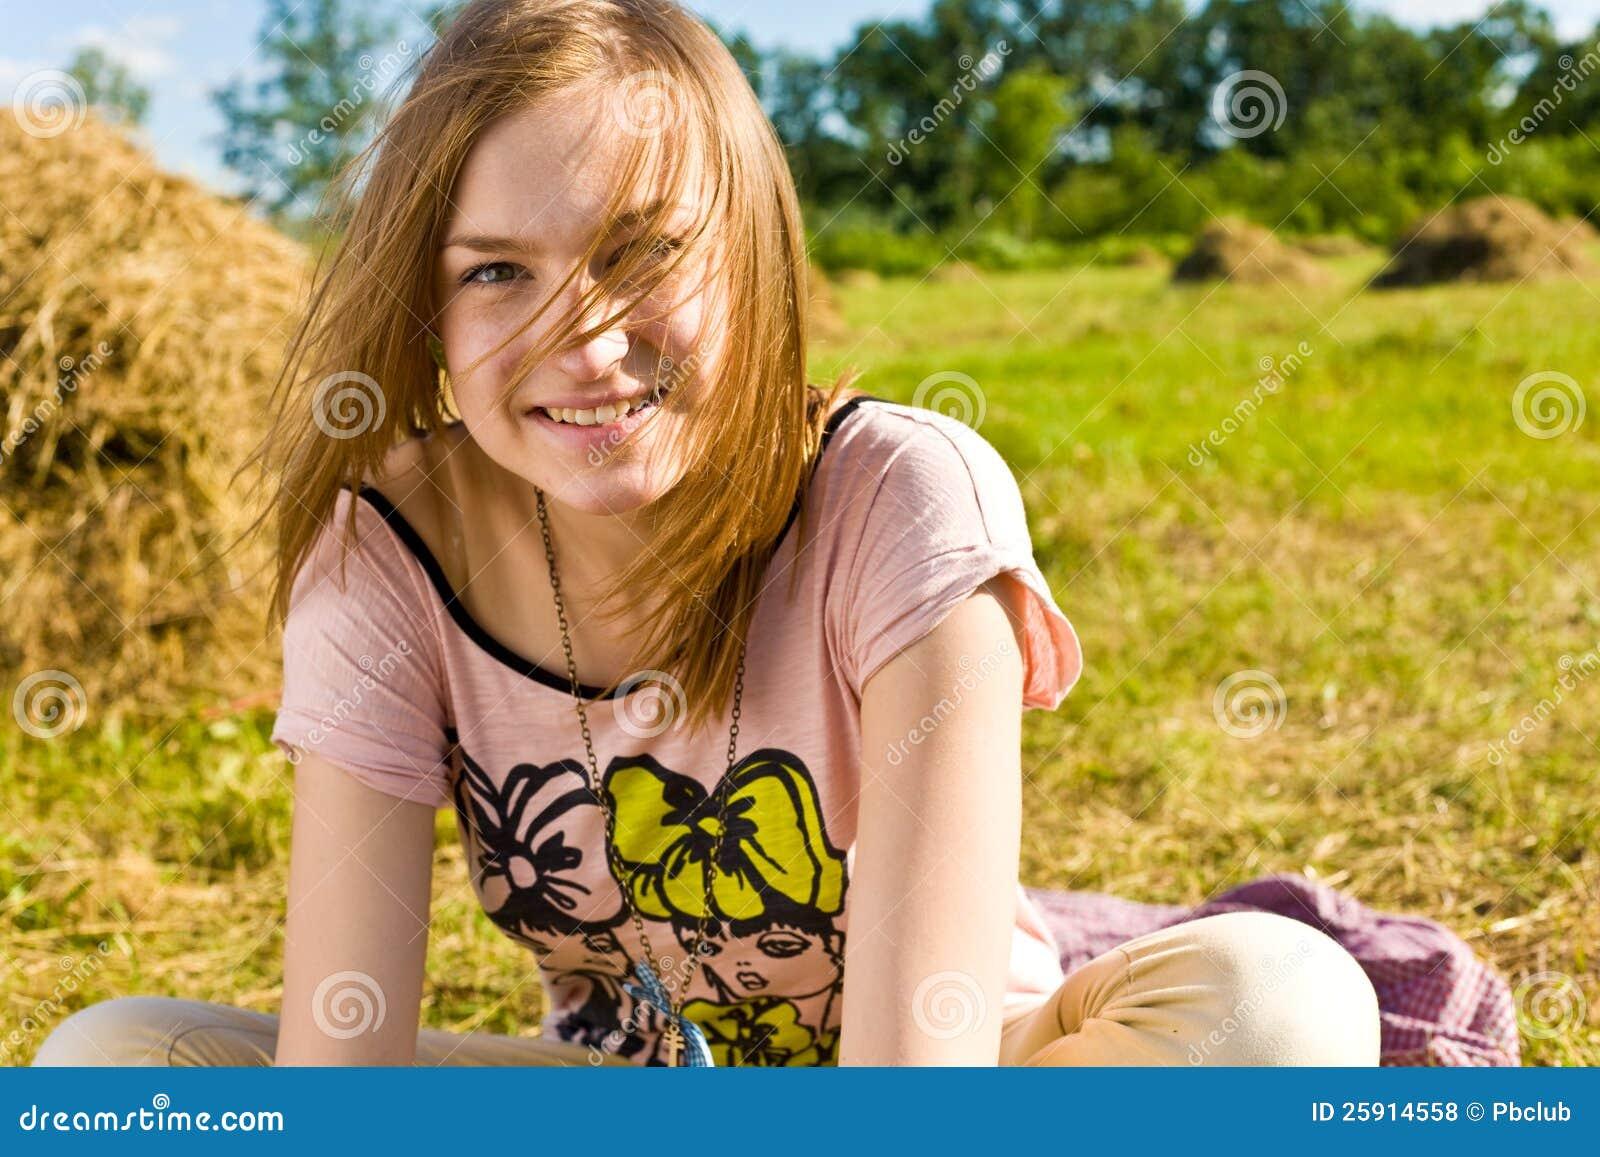 Glückliche junge Frau haben Spaß